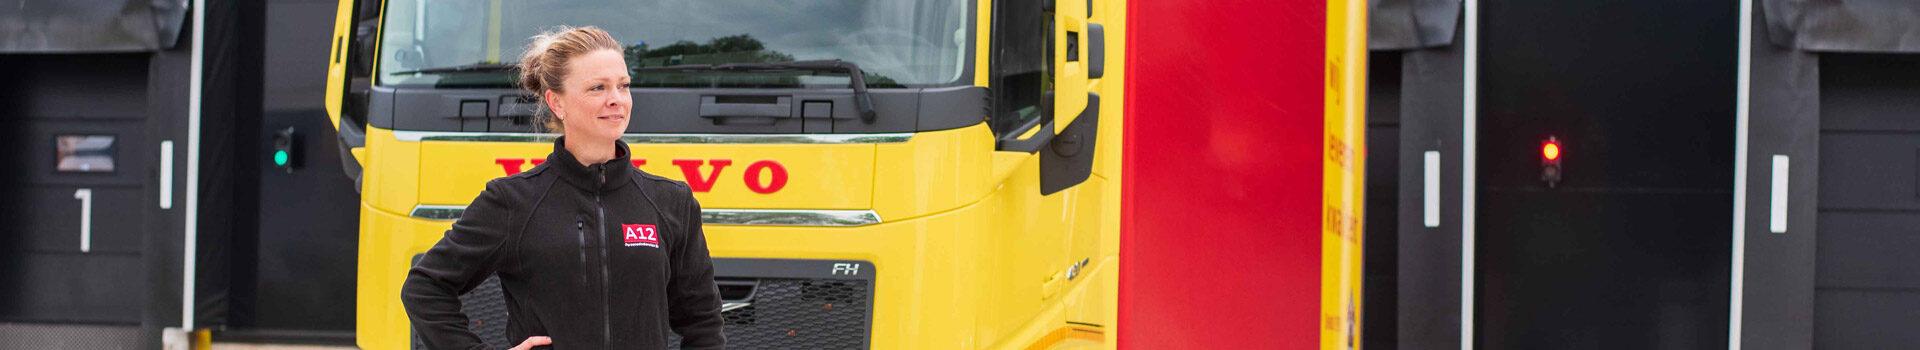 A12-Personeelsdiensten_vrachtwagenchauffeur-vrouwen-in-de–transport-vacatures